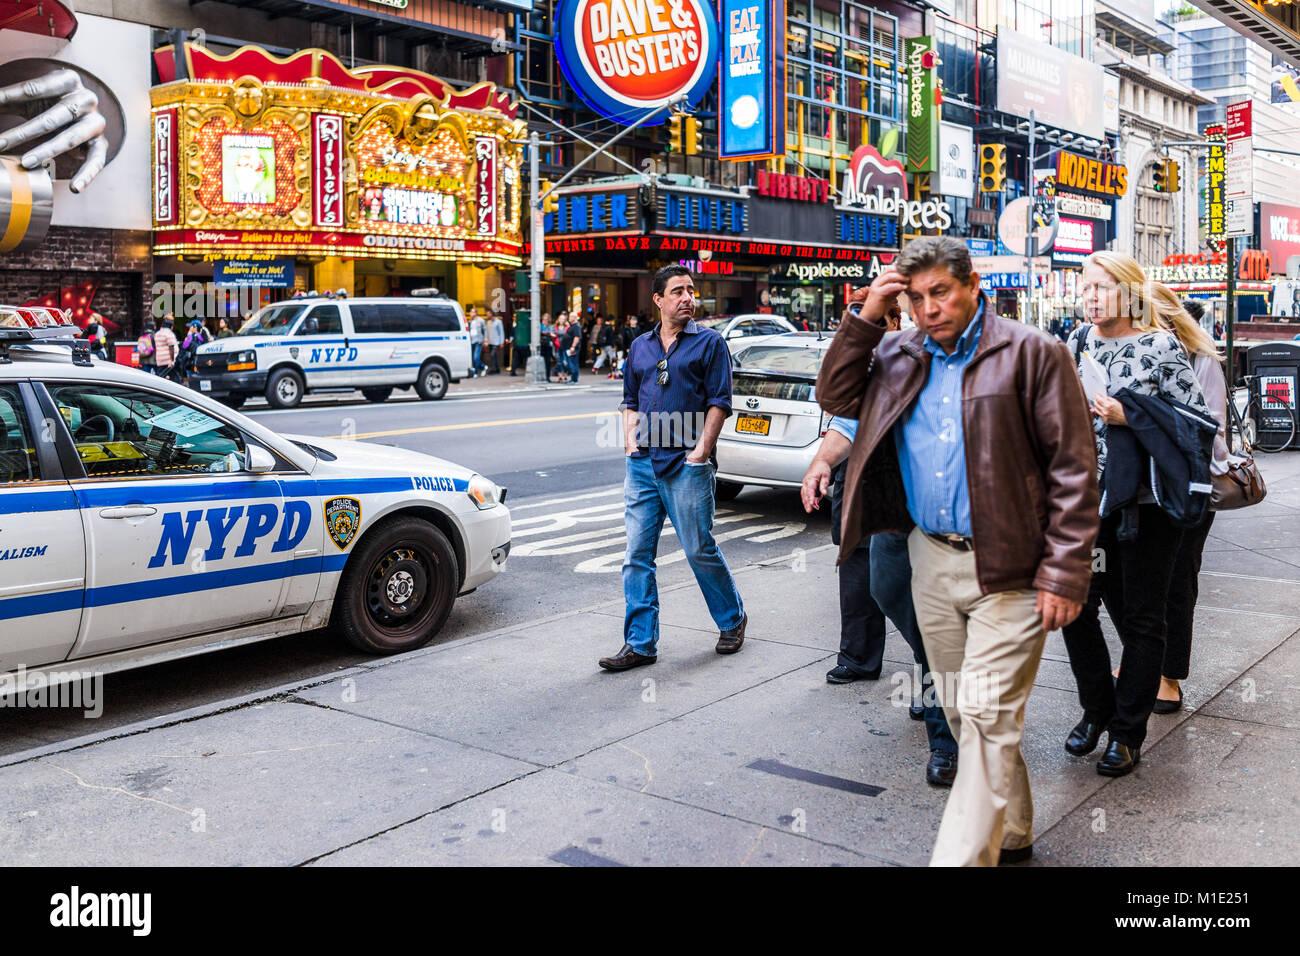 New York City, USA - Oktober 28, 2017: Manhattan NYC Gebäude von Midtown, Times Square, 42 Straße, Straße, Stockbild